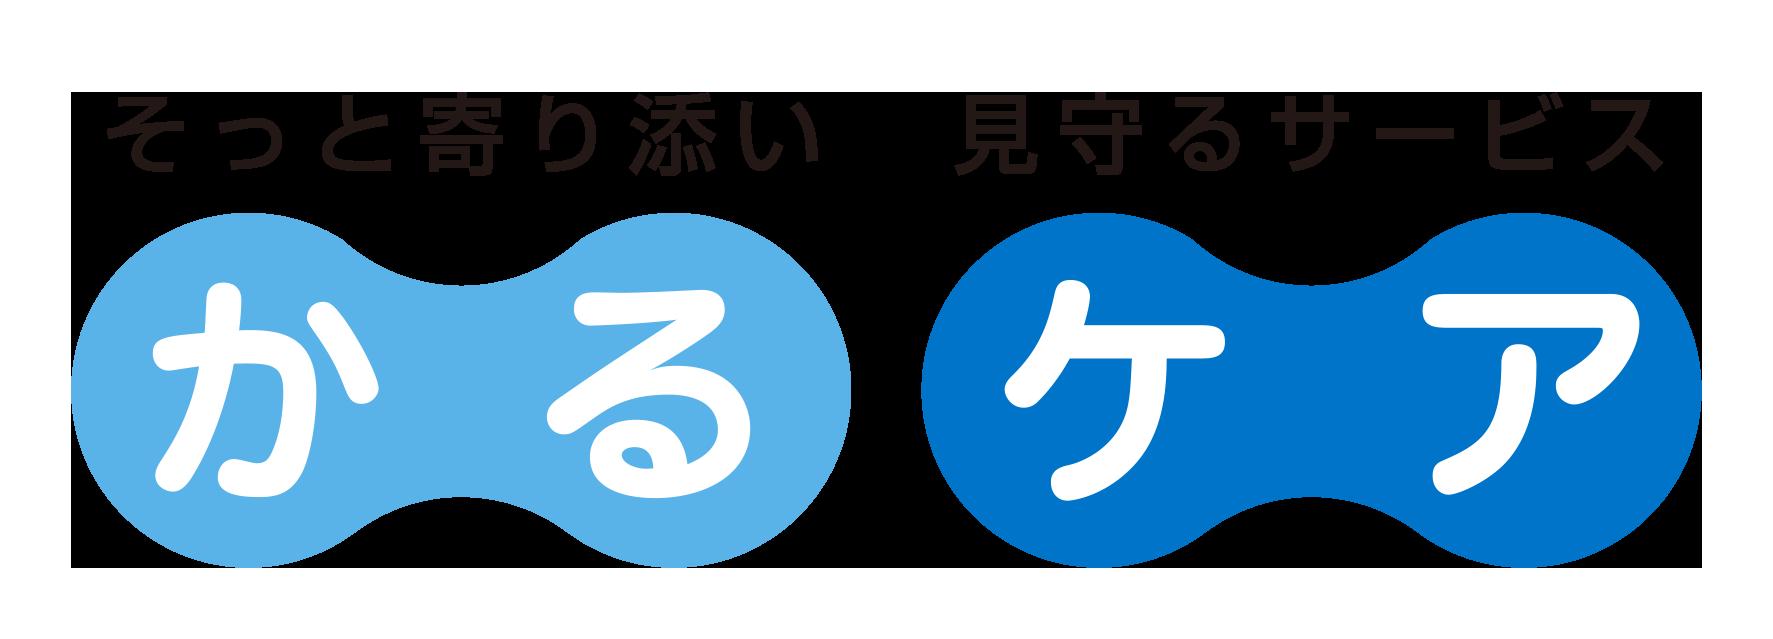 calcare-logo